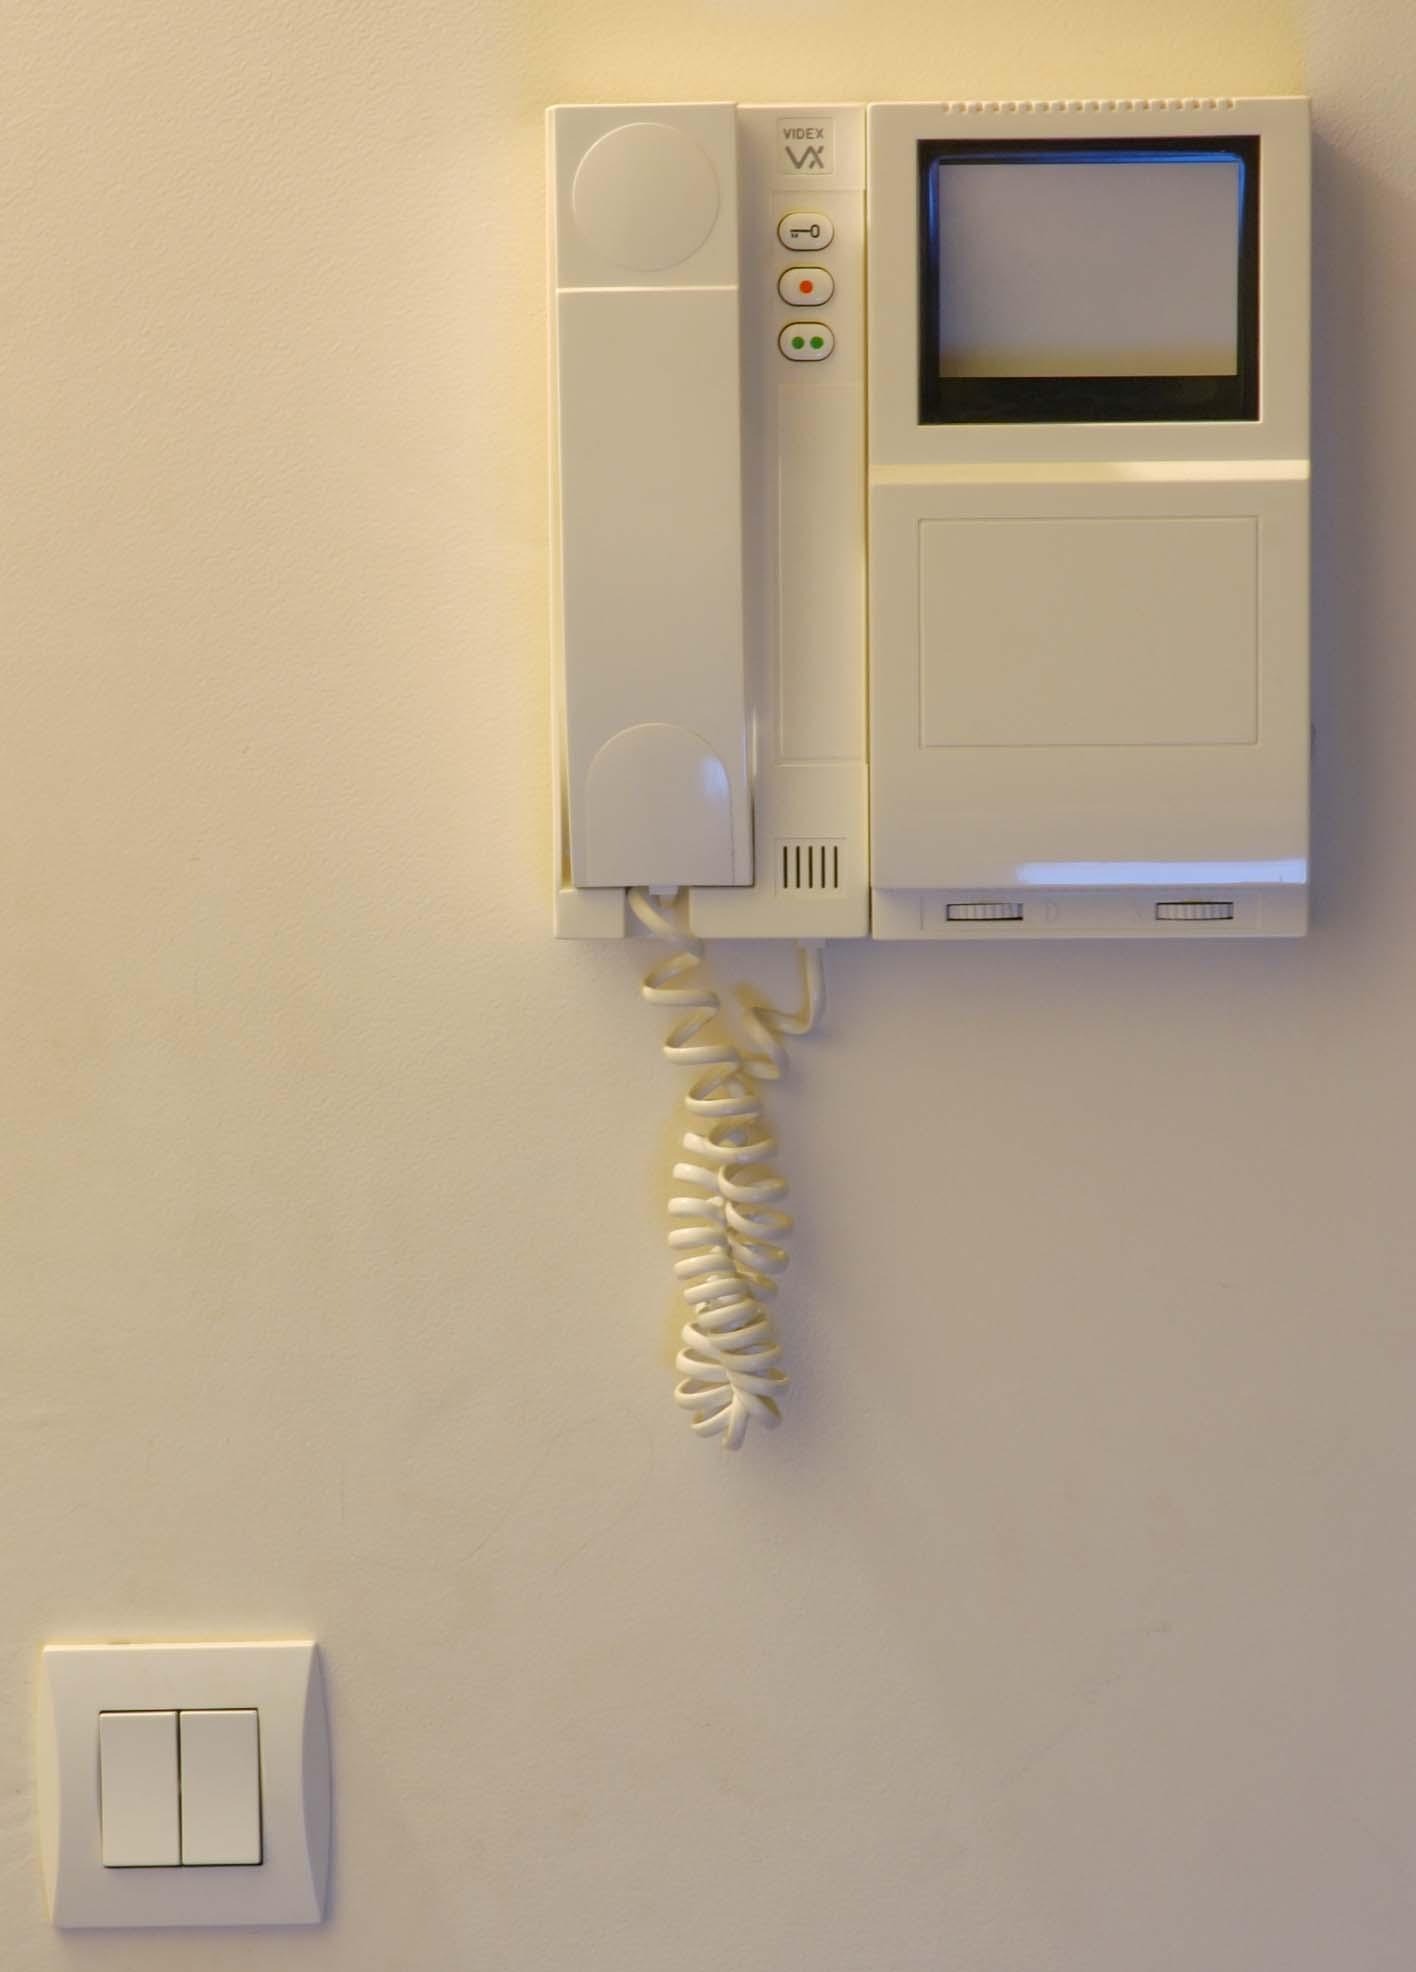 Videocitofono privato su parete condominiale iclouvell for Videocitofono condominiale